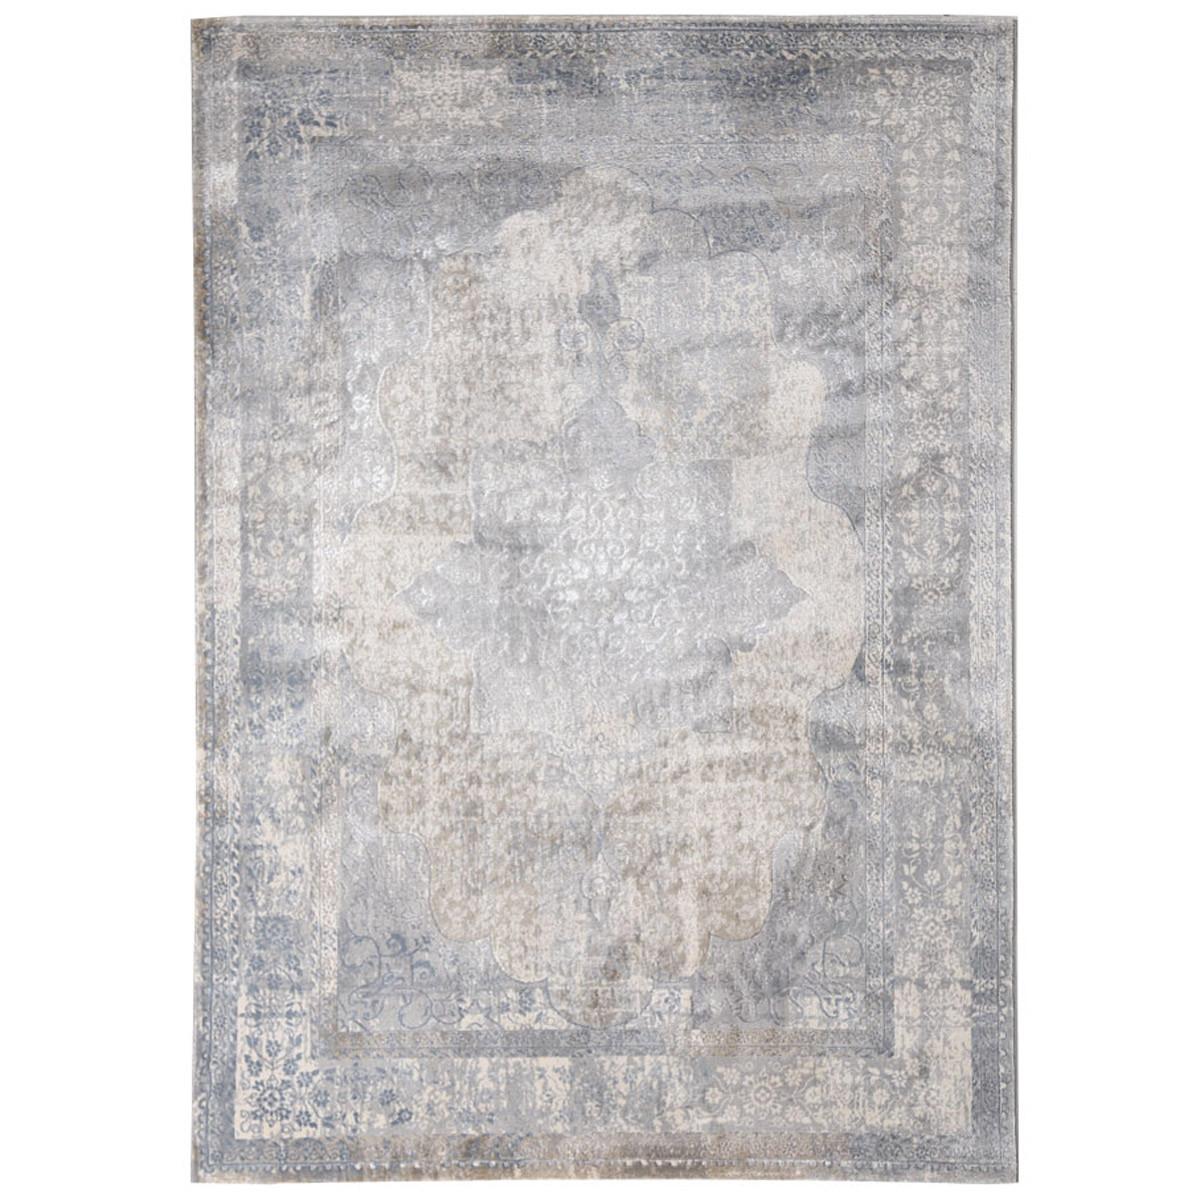 Χαλιά Κρεβατοκάμαρας (Σετ 3τμχ) Royal Carpets Jersey 173 A